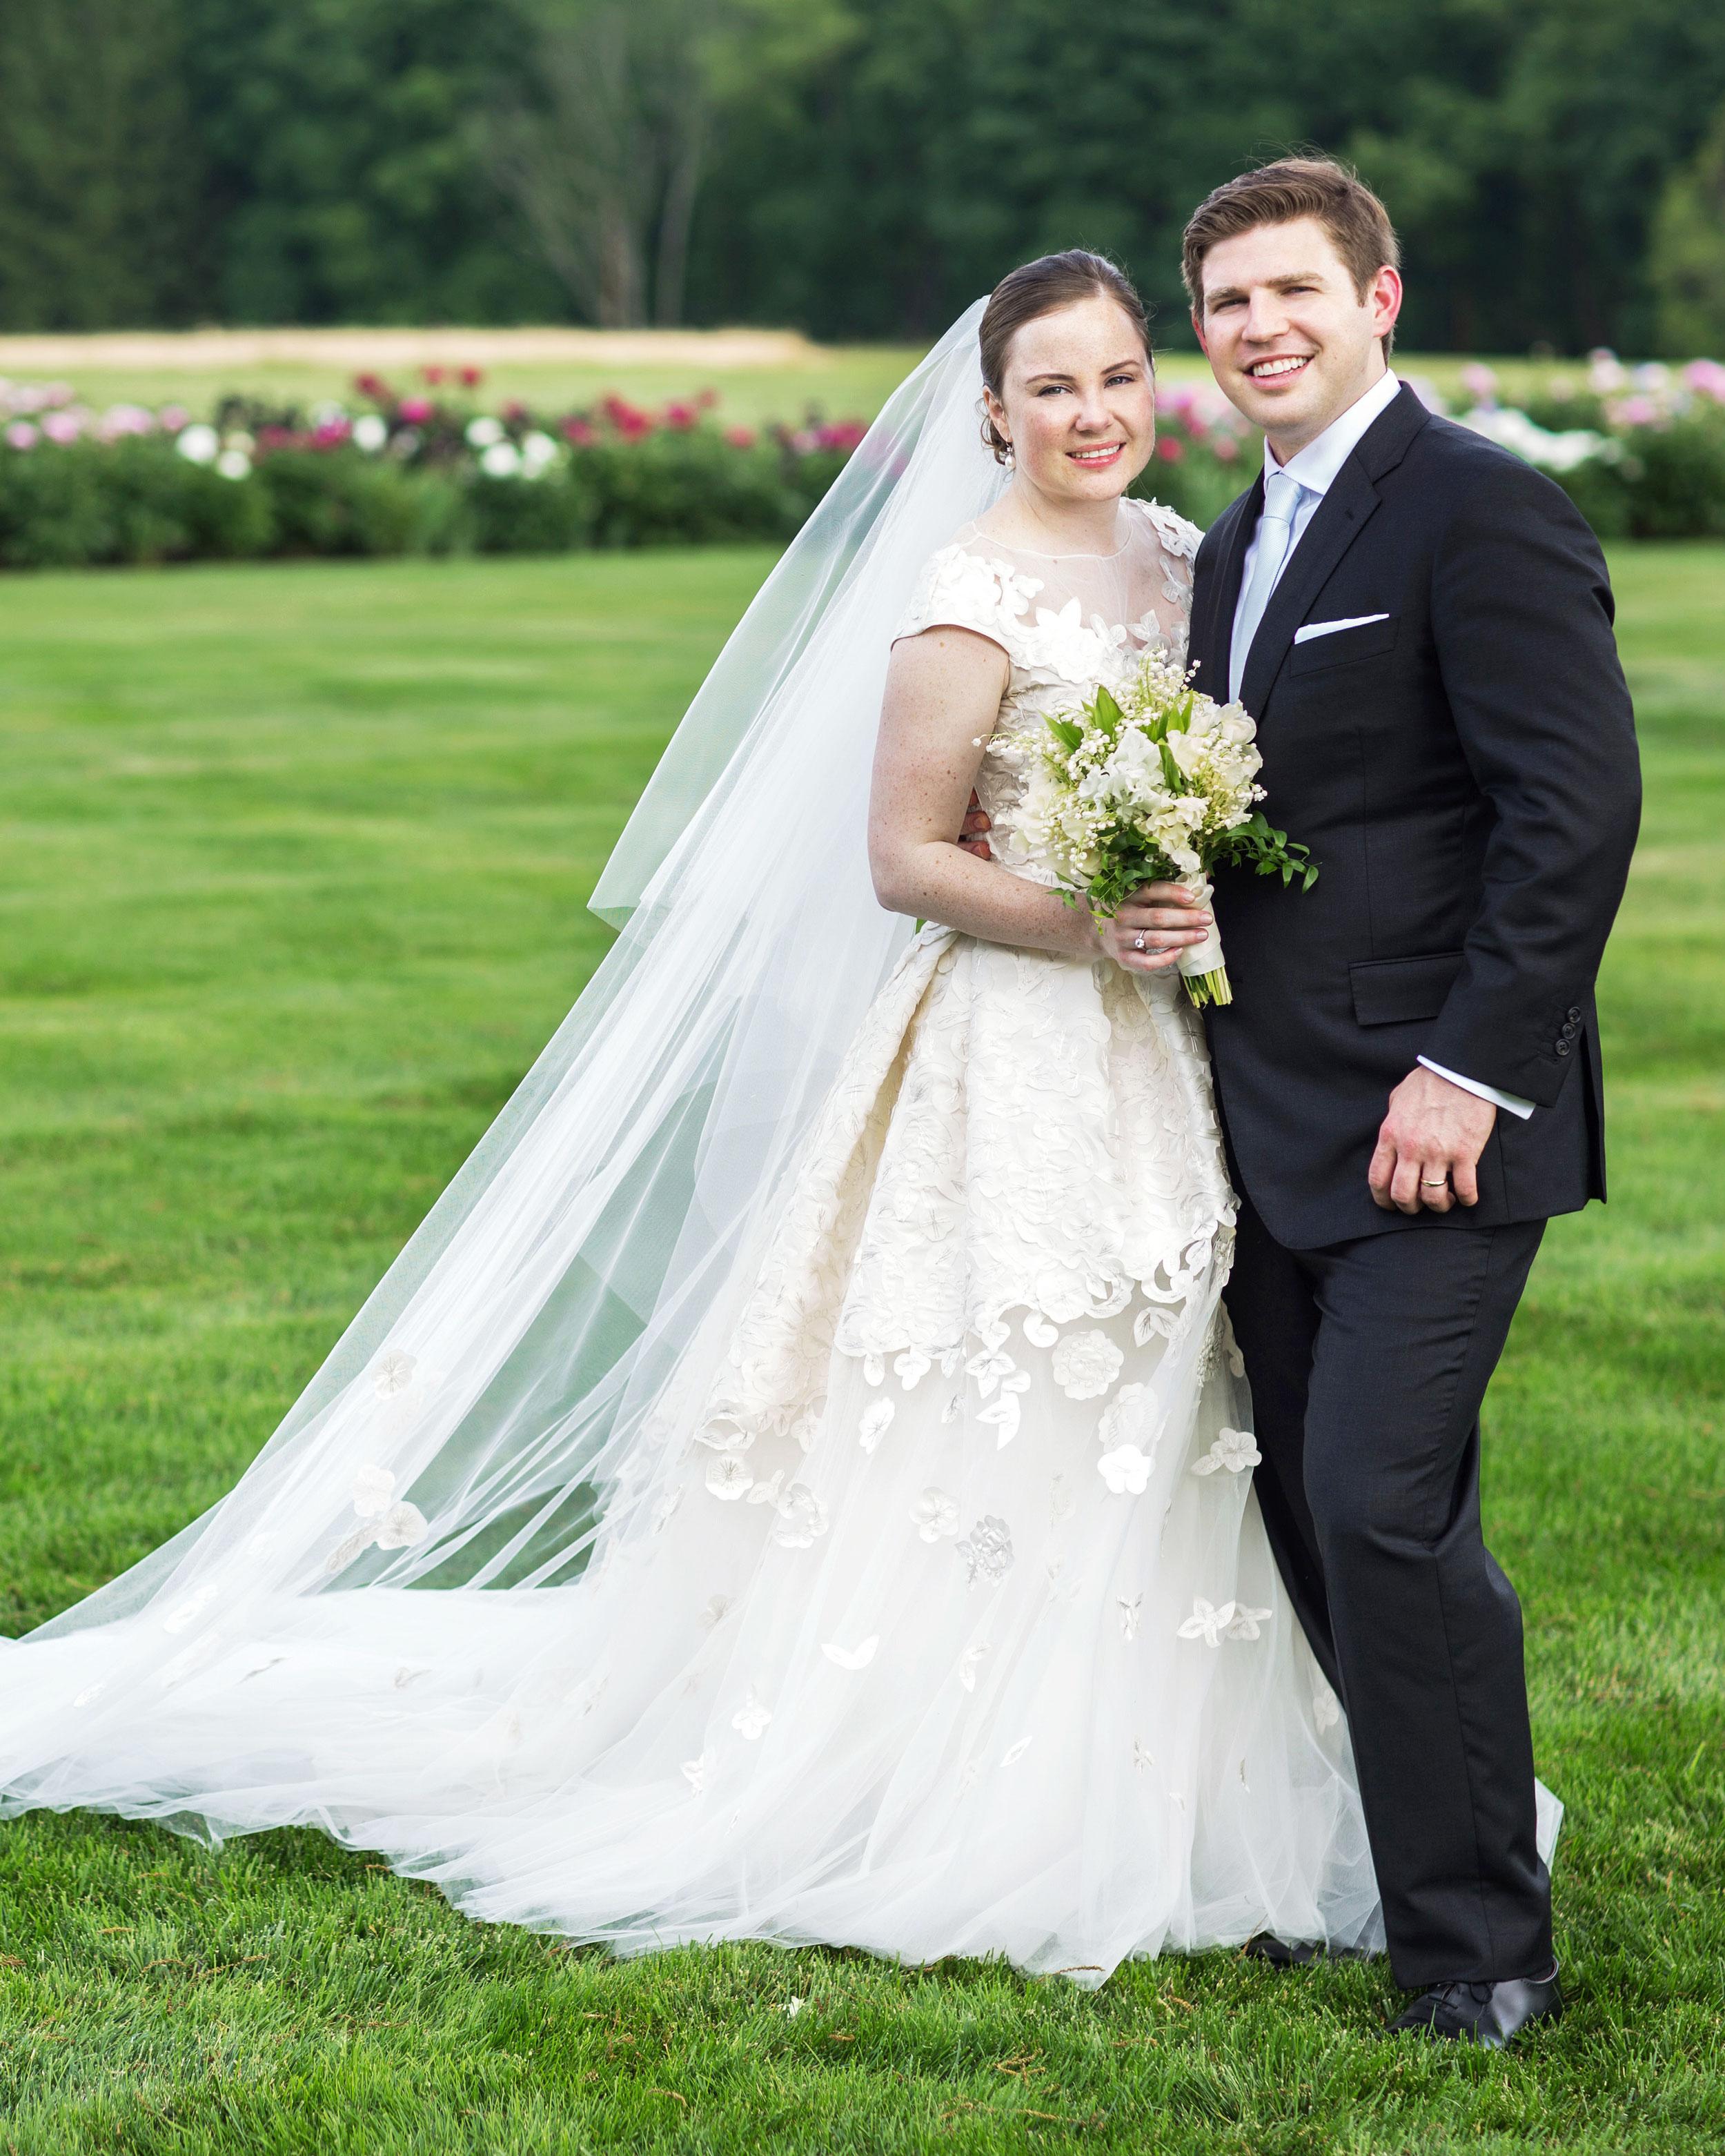 emily-matthew-wedding-couple-0093-s112720-0316.jpg